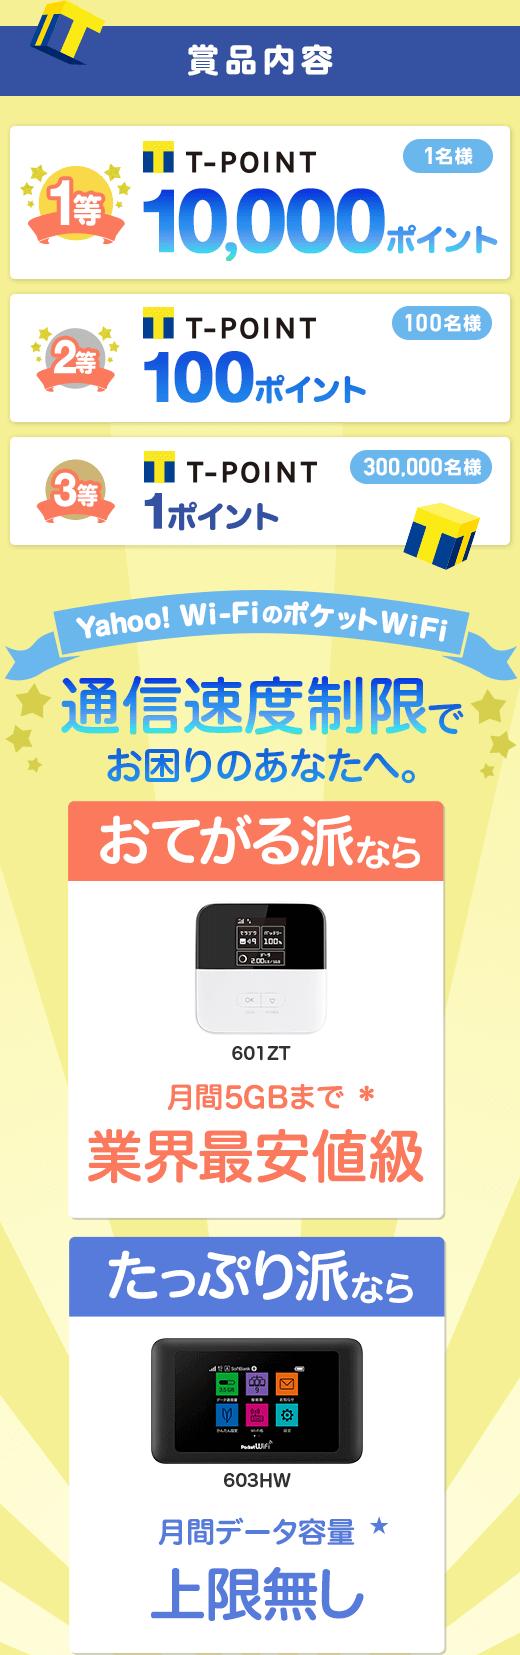 賞品内容 1等 Tポイント 10,000ポイント 1名様 2等 Tポイント 100ポイント 100名様 3等 Tポイント 1ポイント 300,000名様 Yahoo! Wi-FiのポケットWiFi 通信速度制限でお困りのあなたへ。おてがる派なら 601ZT 月間5GBまで* 業界最安値級 たっぷり派なら 603HW 月間データ容量★ 上限無し